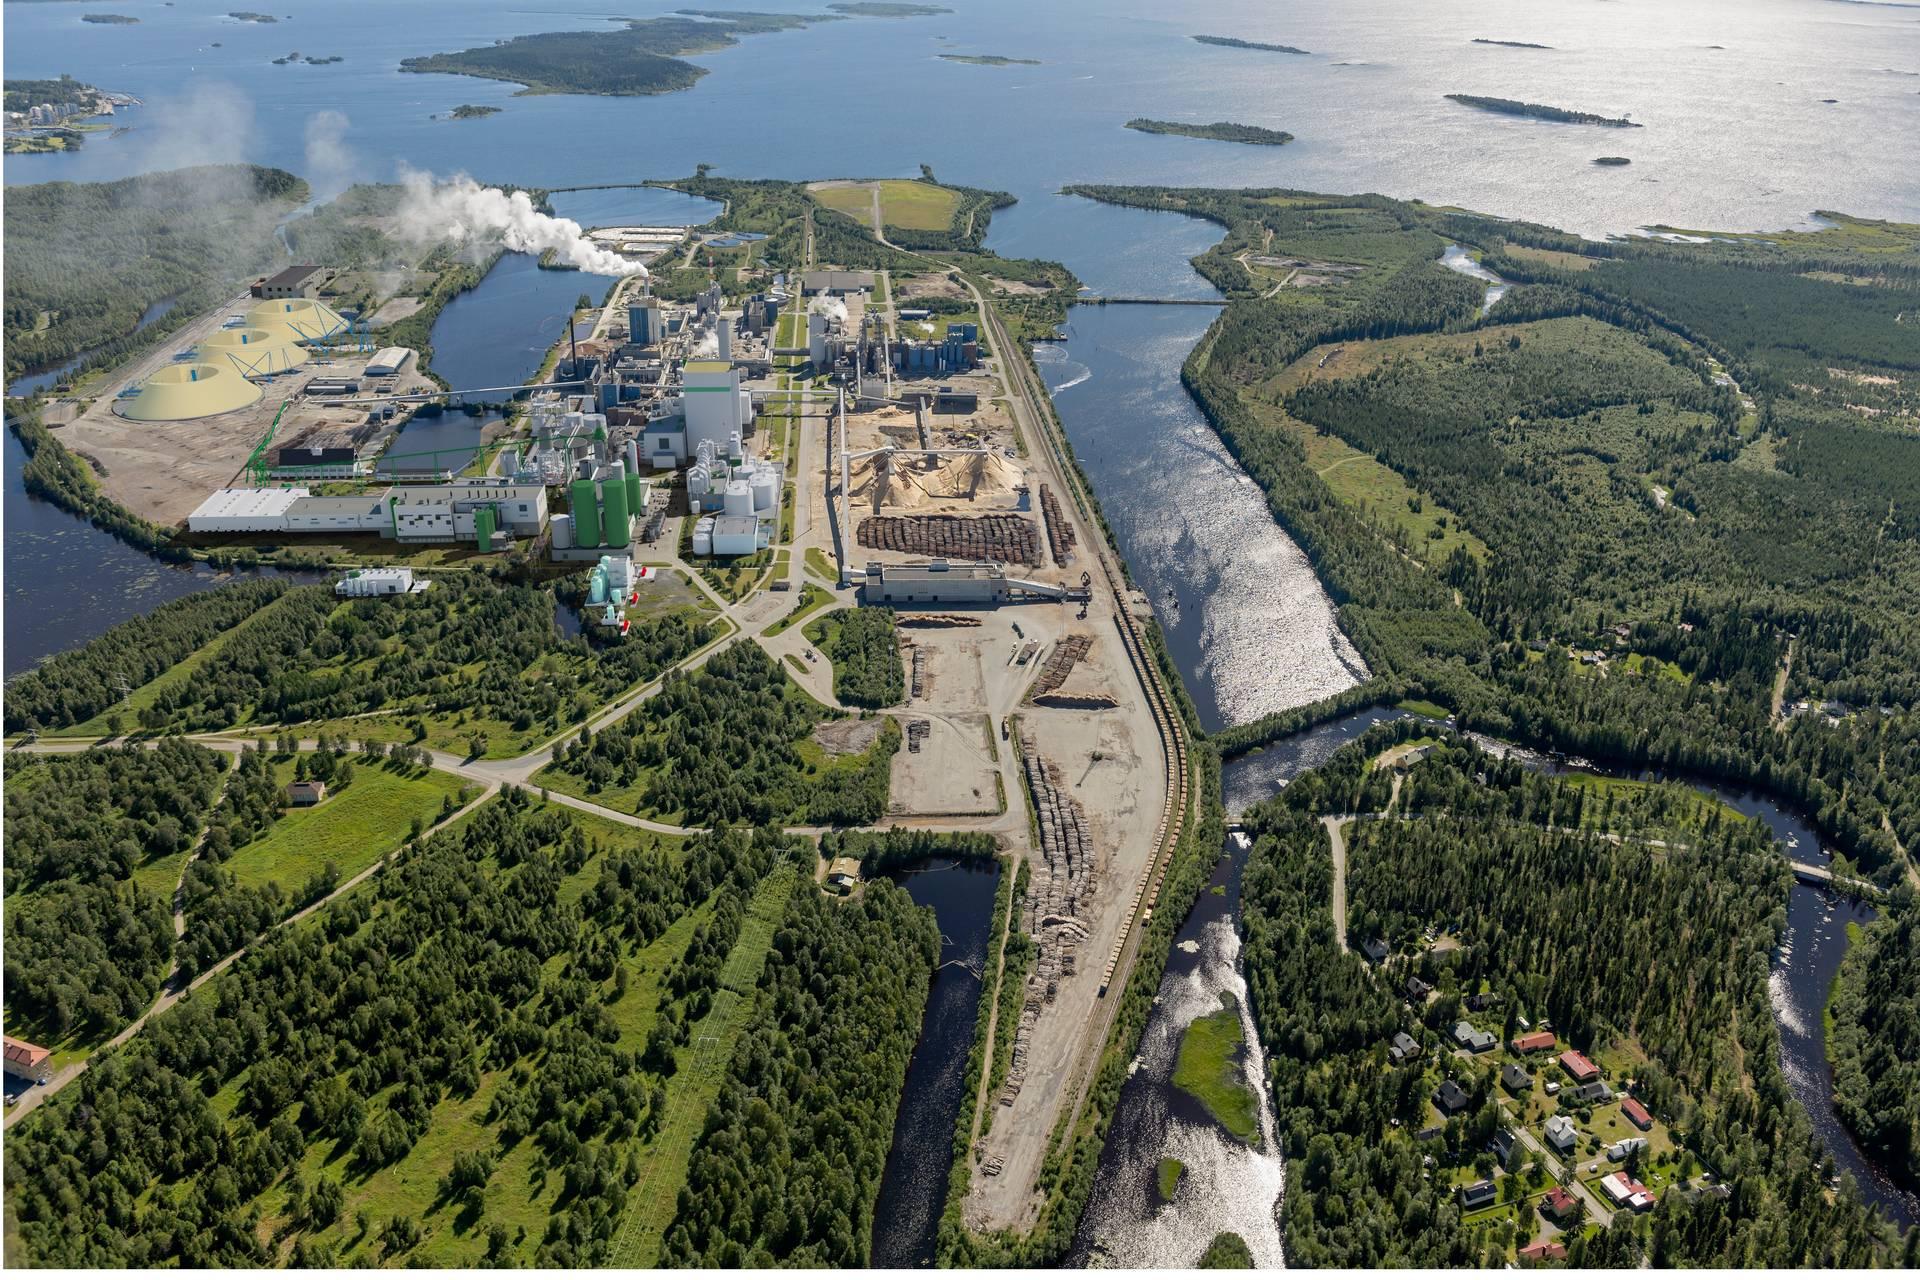 Metsä Group ja Oulun yliopisto tutkimus- ja koulutusyhteistyöhön kestävän metsäteollisuuden kehittämiseksi